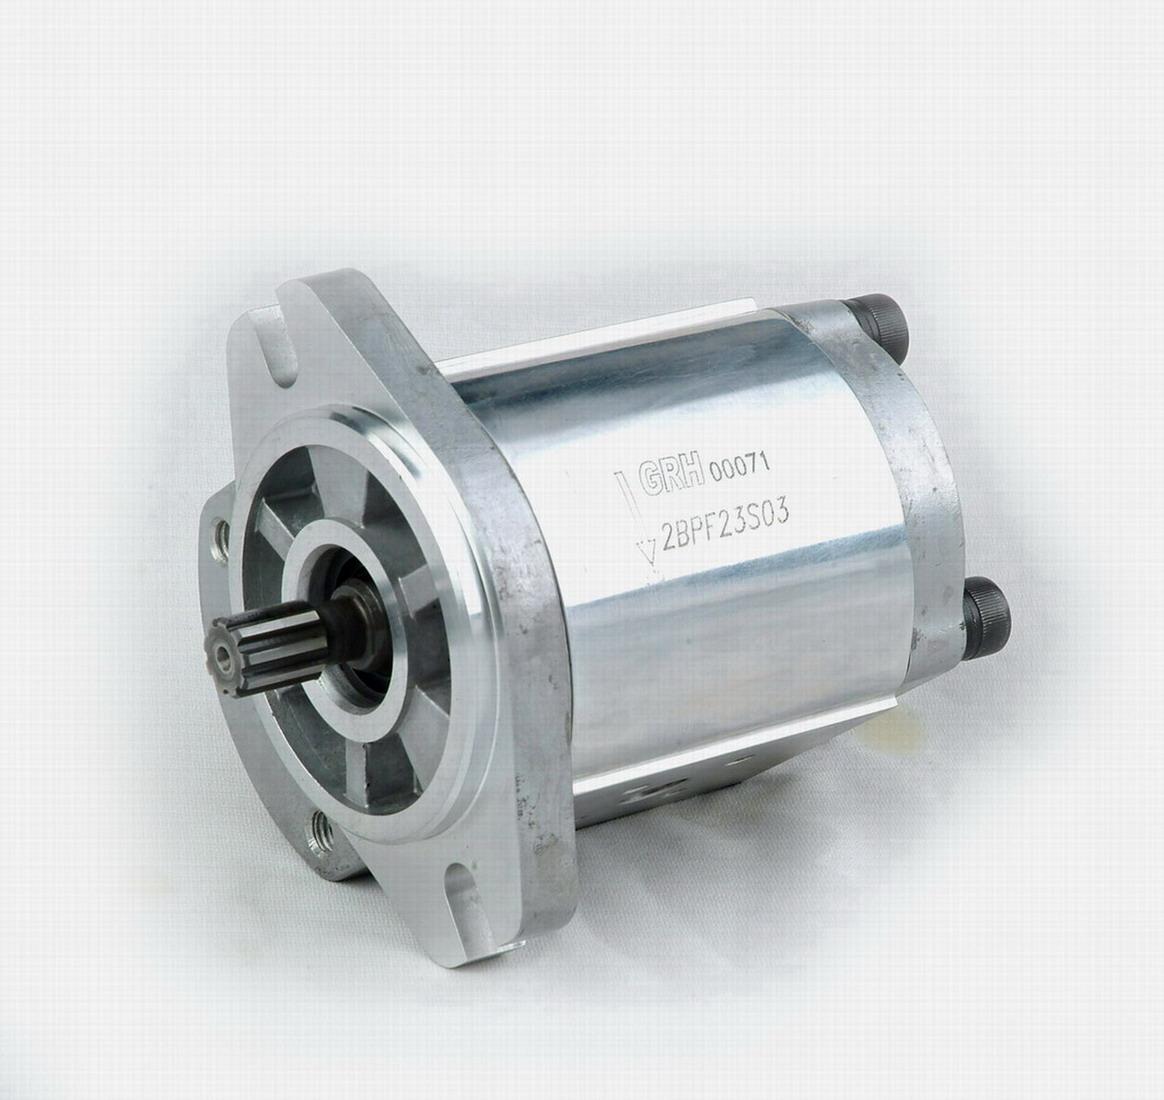 Trucks Hydraulic Gear Motors For Sale View Gear Reduction